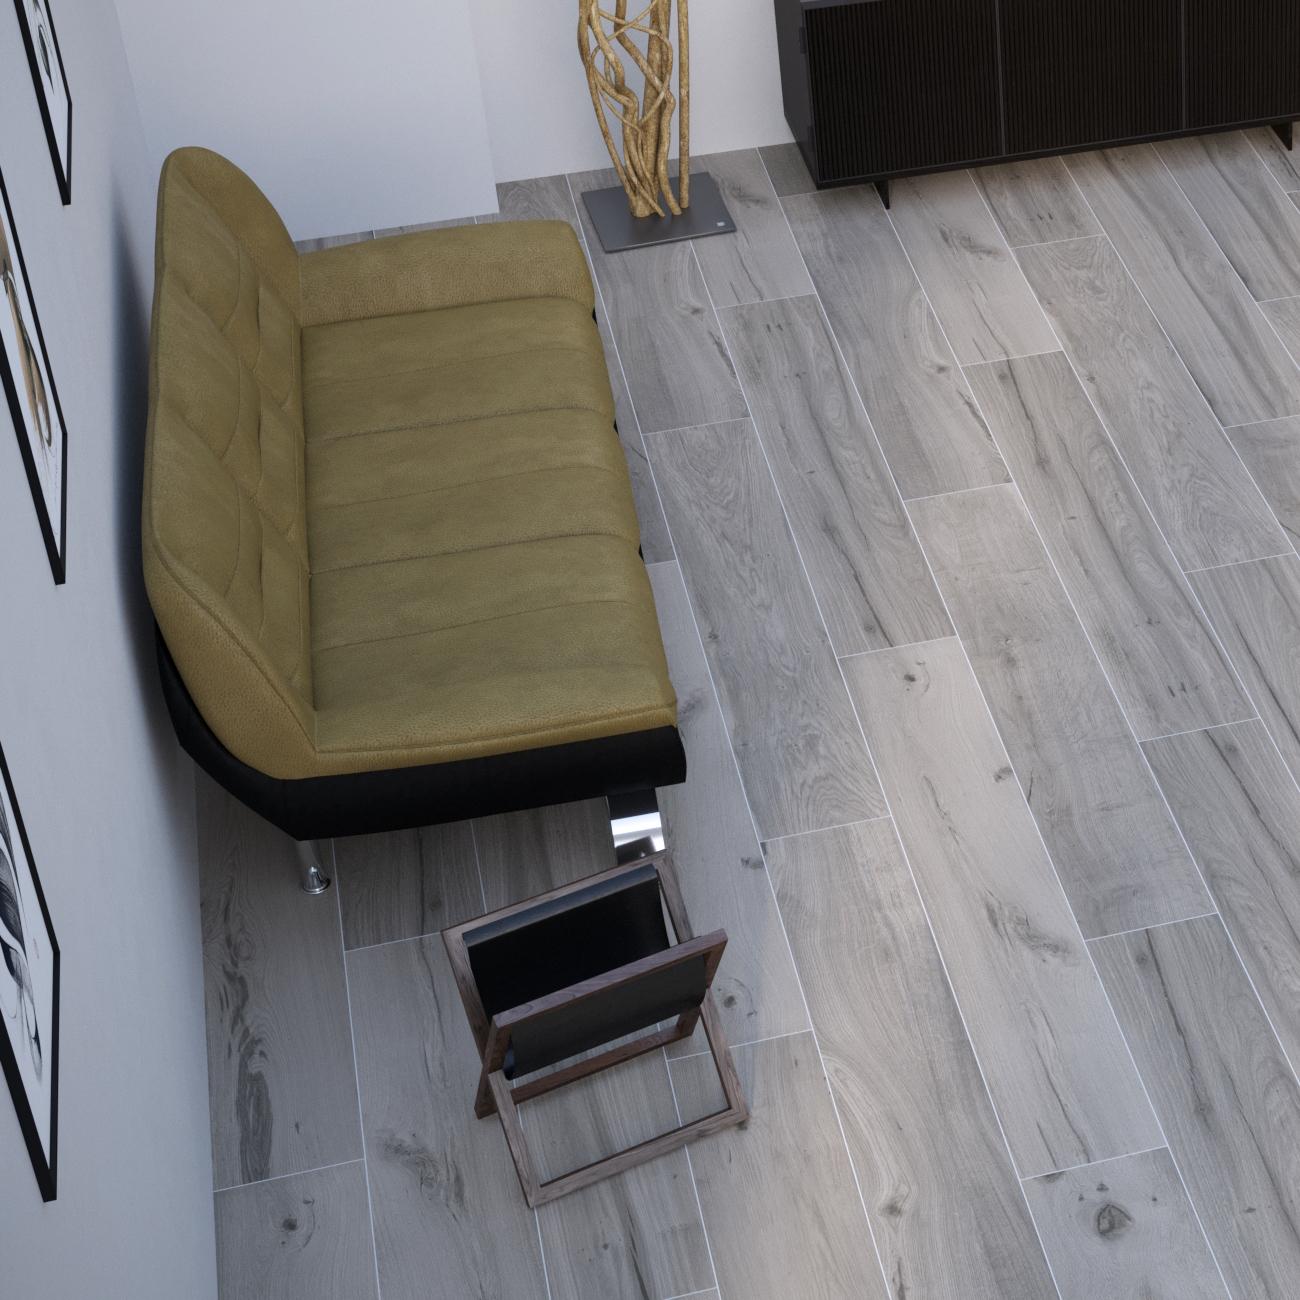 Piastrelle effetto legno: quale formato?